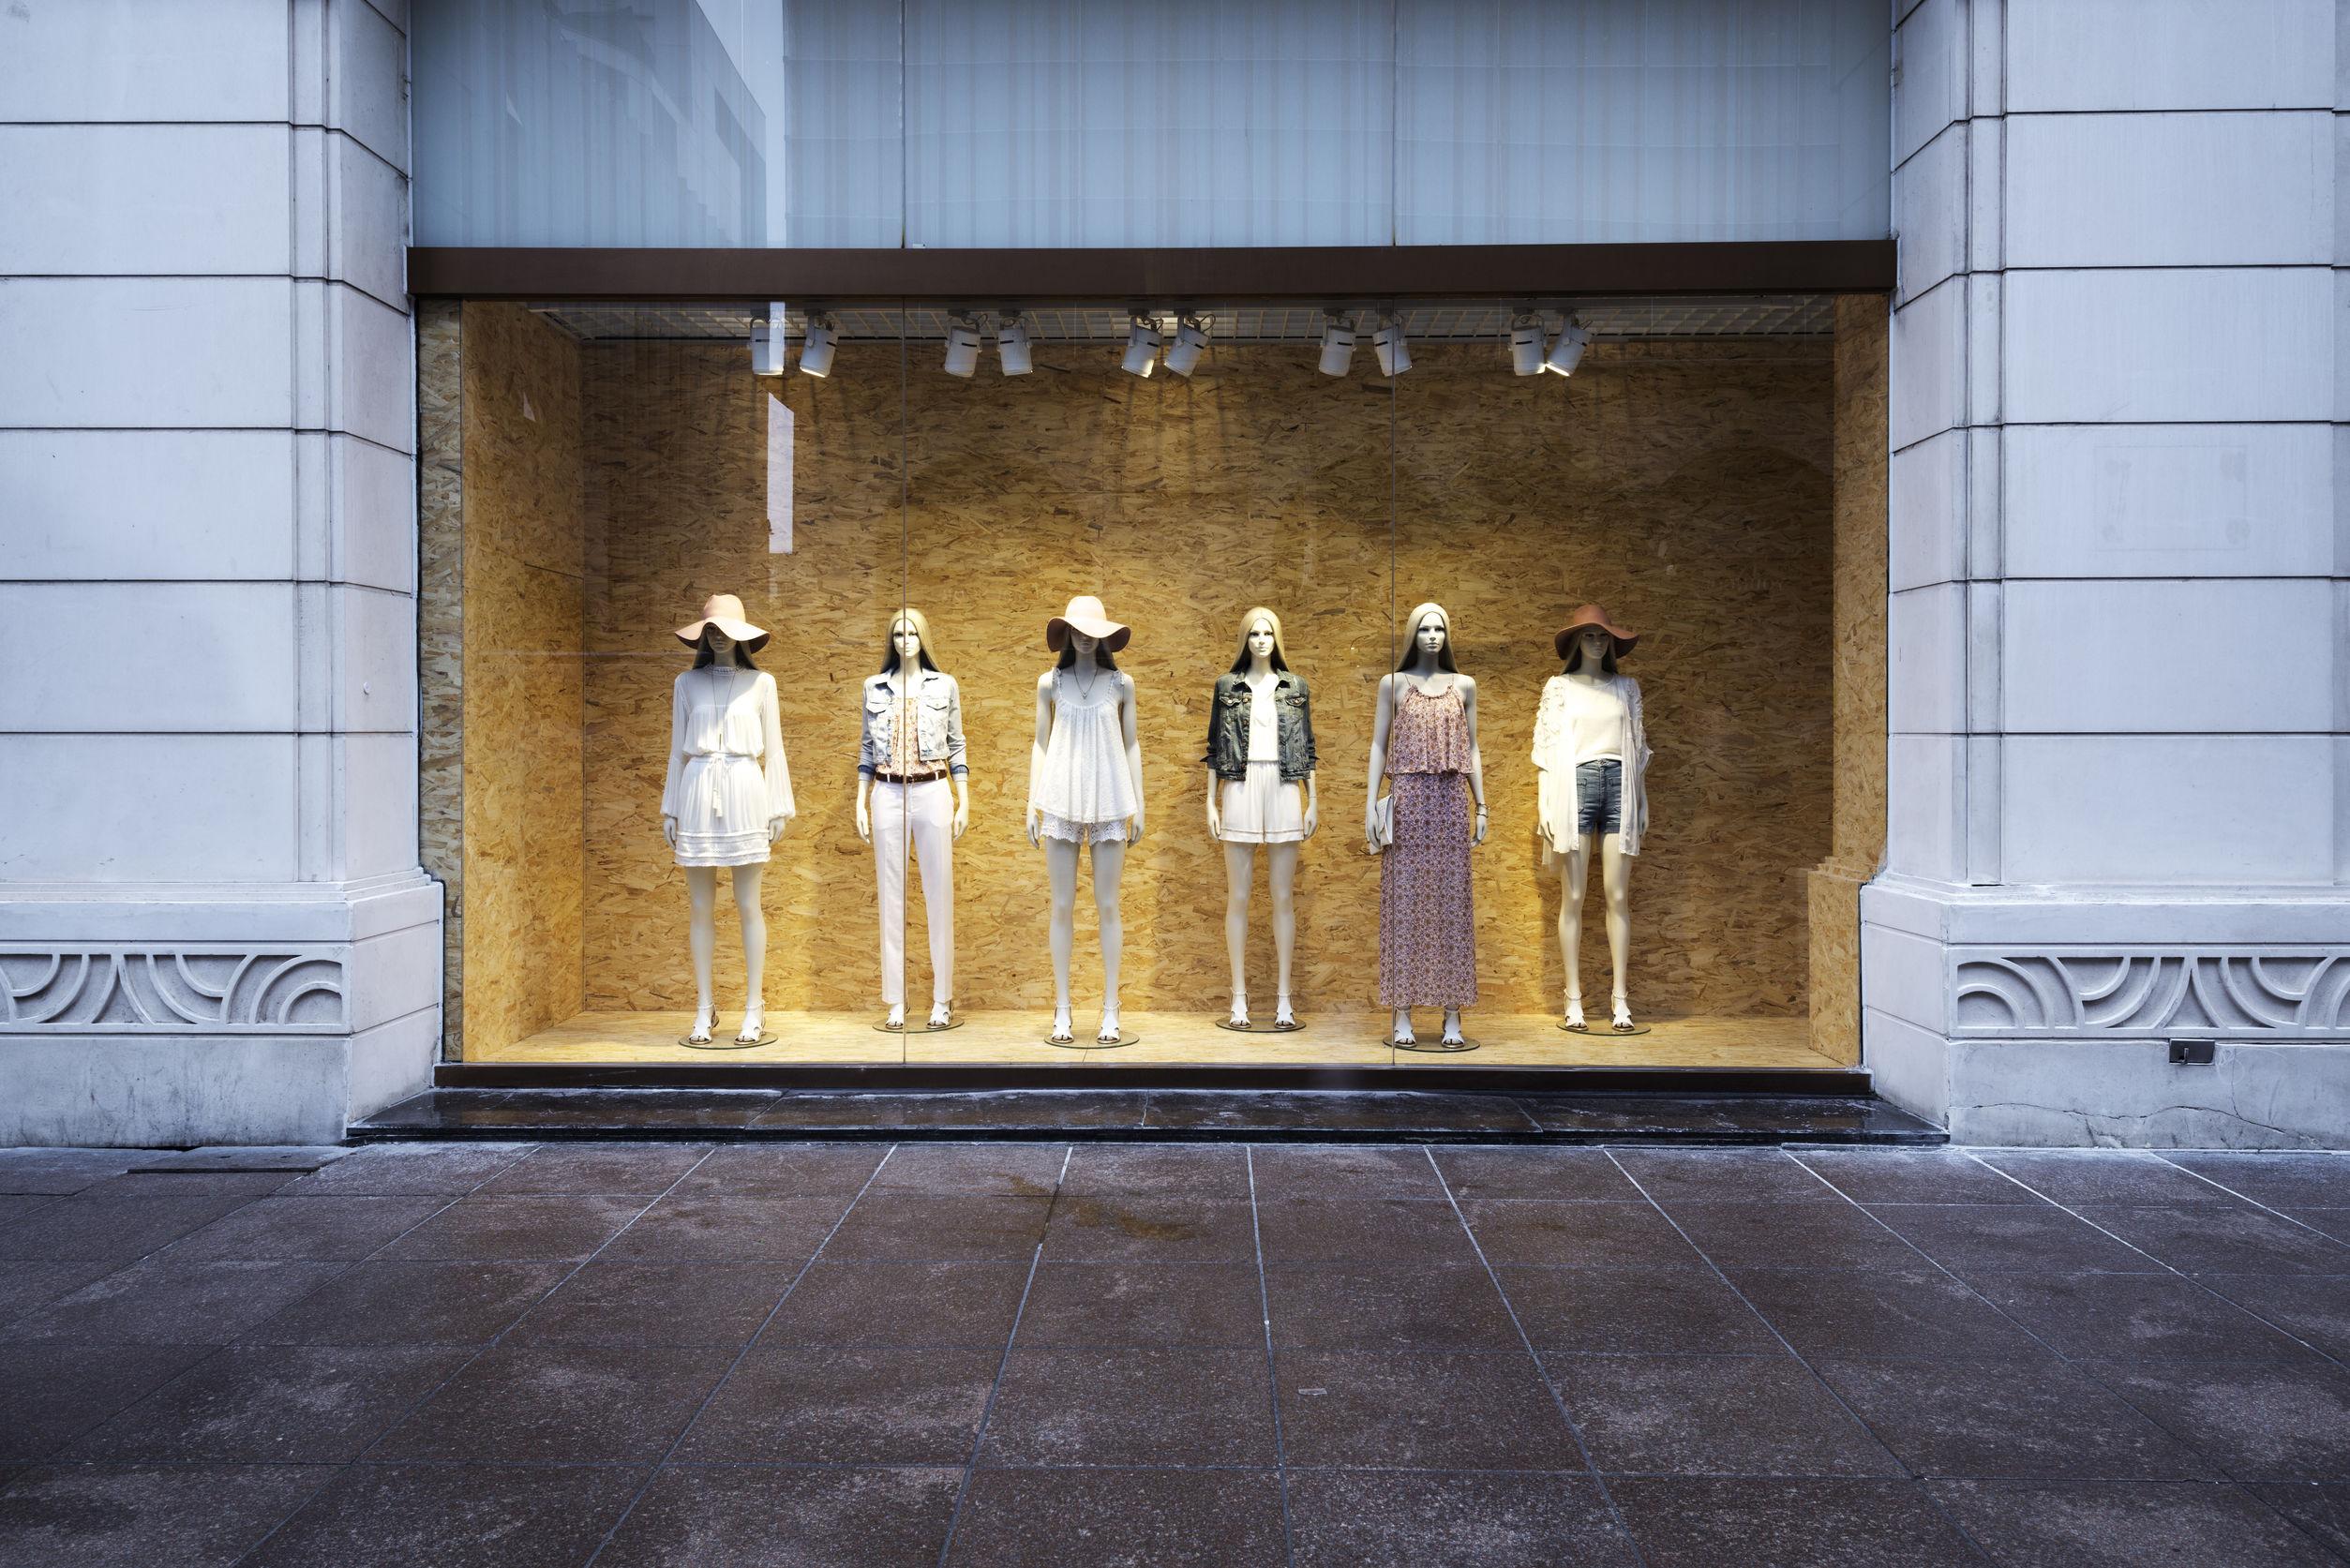 Manekin wystawowy – niezbędnik sklepu odzieżowego - Zdjęcie główne